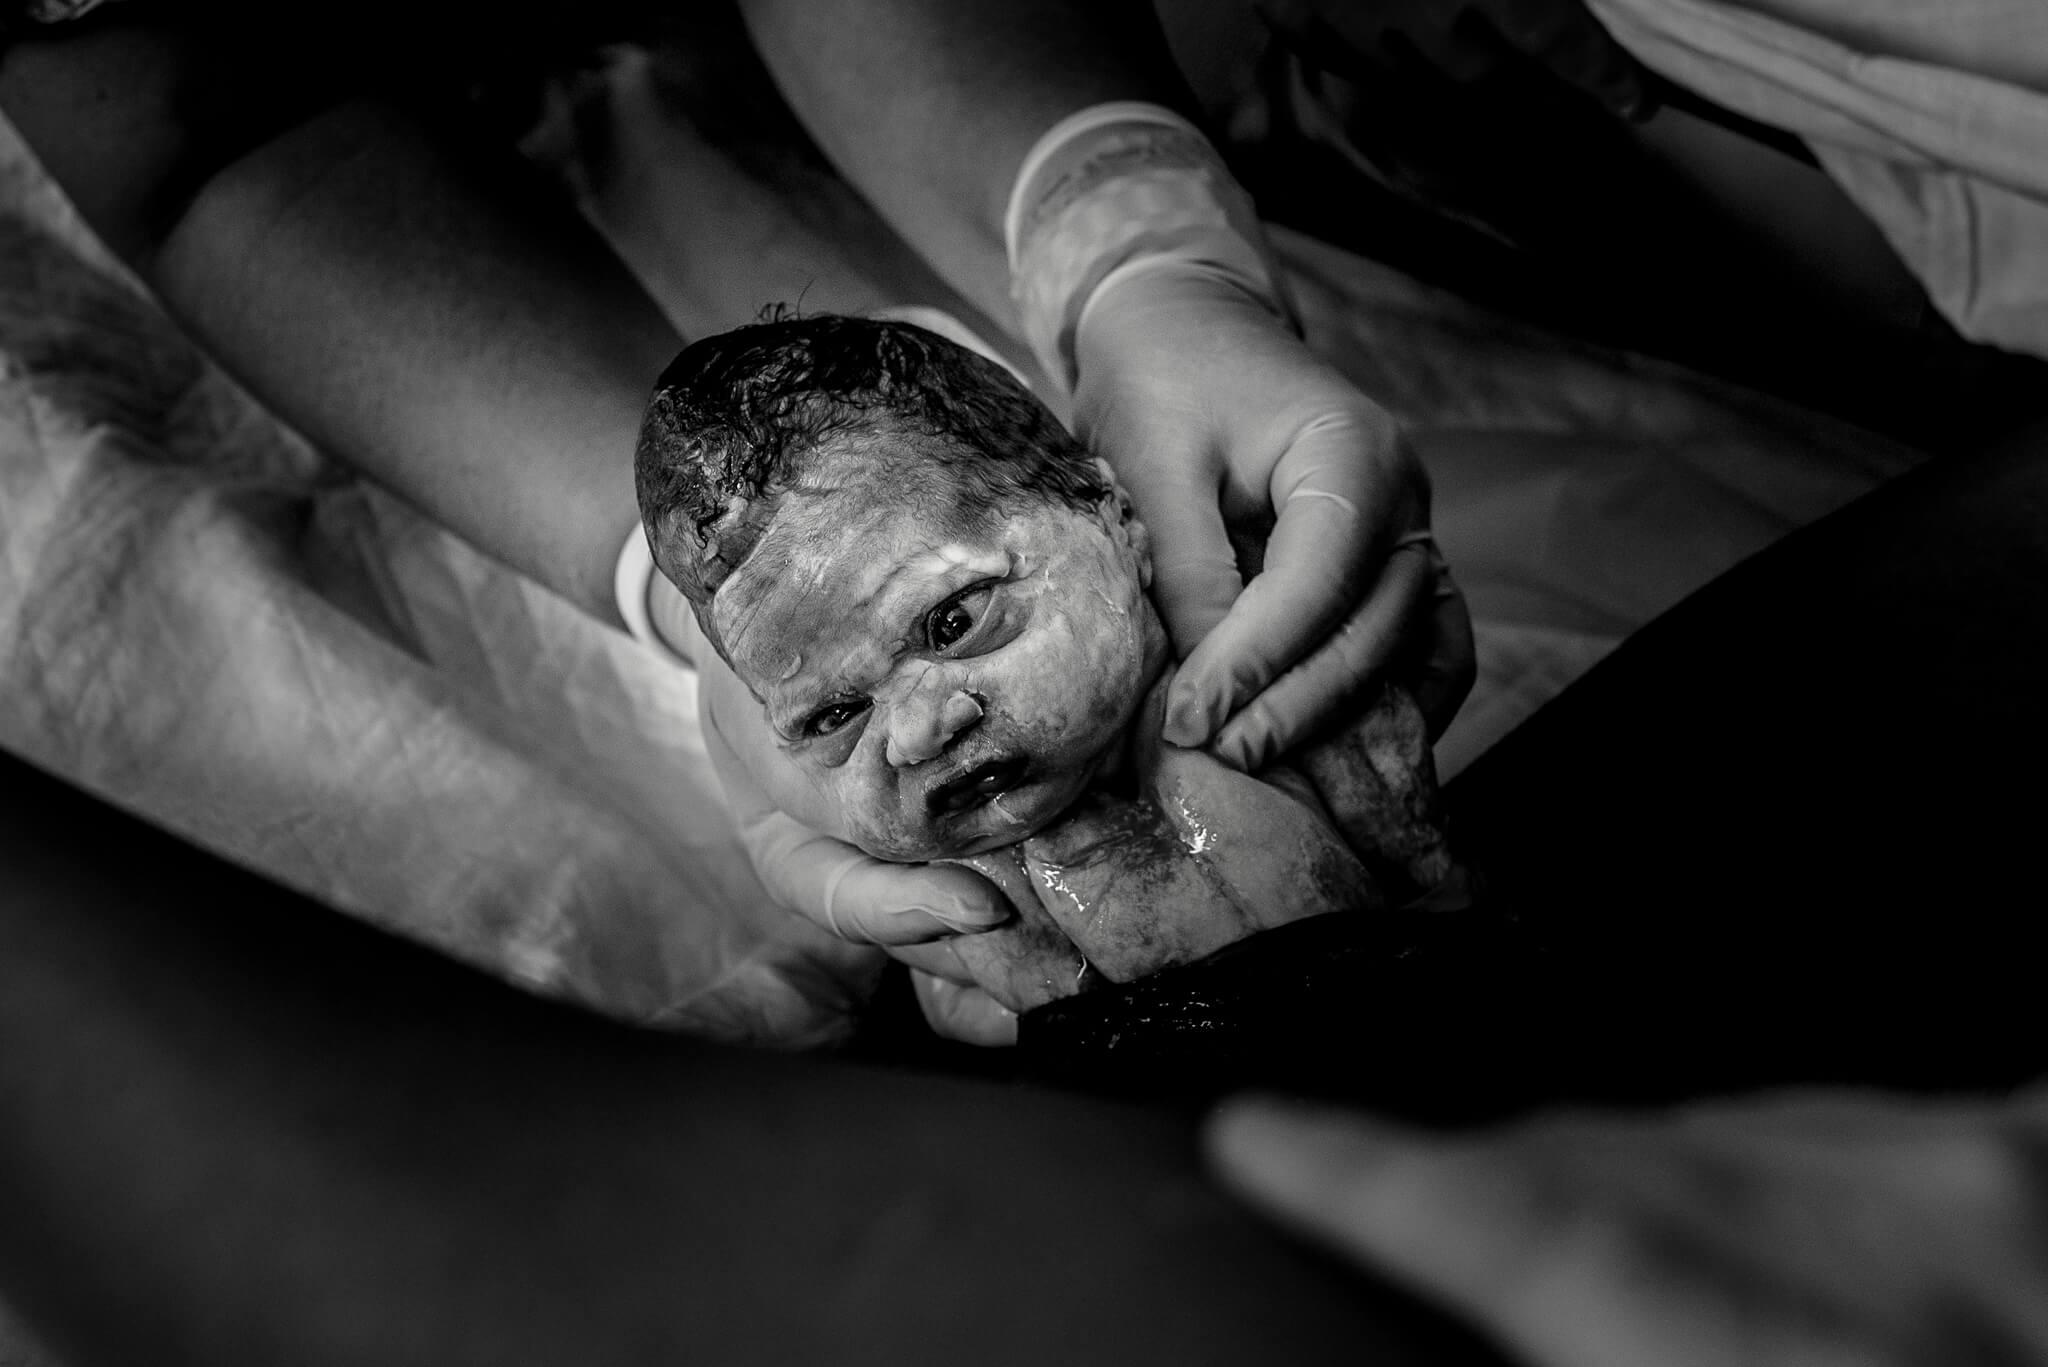 geboortefotografie gorinchem Birth Day geboortefotografie